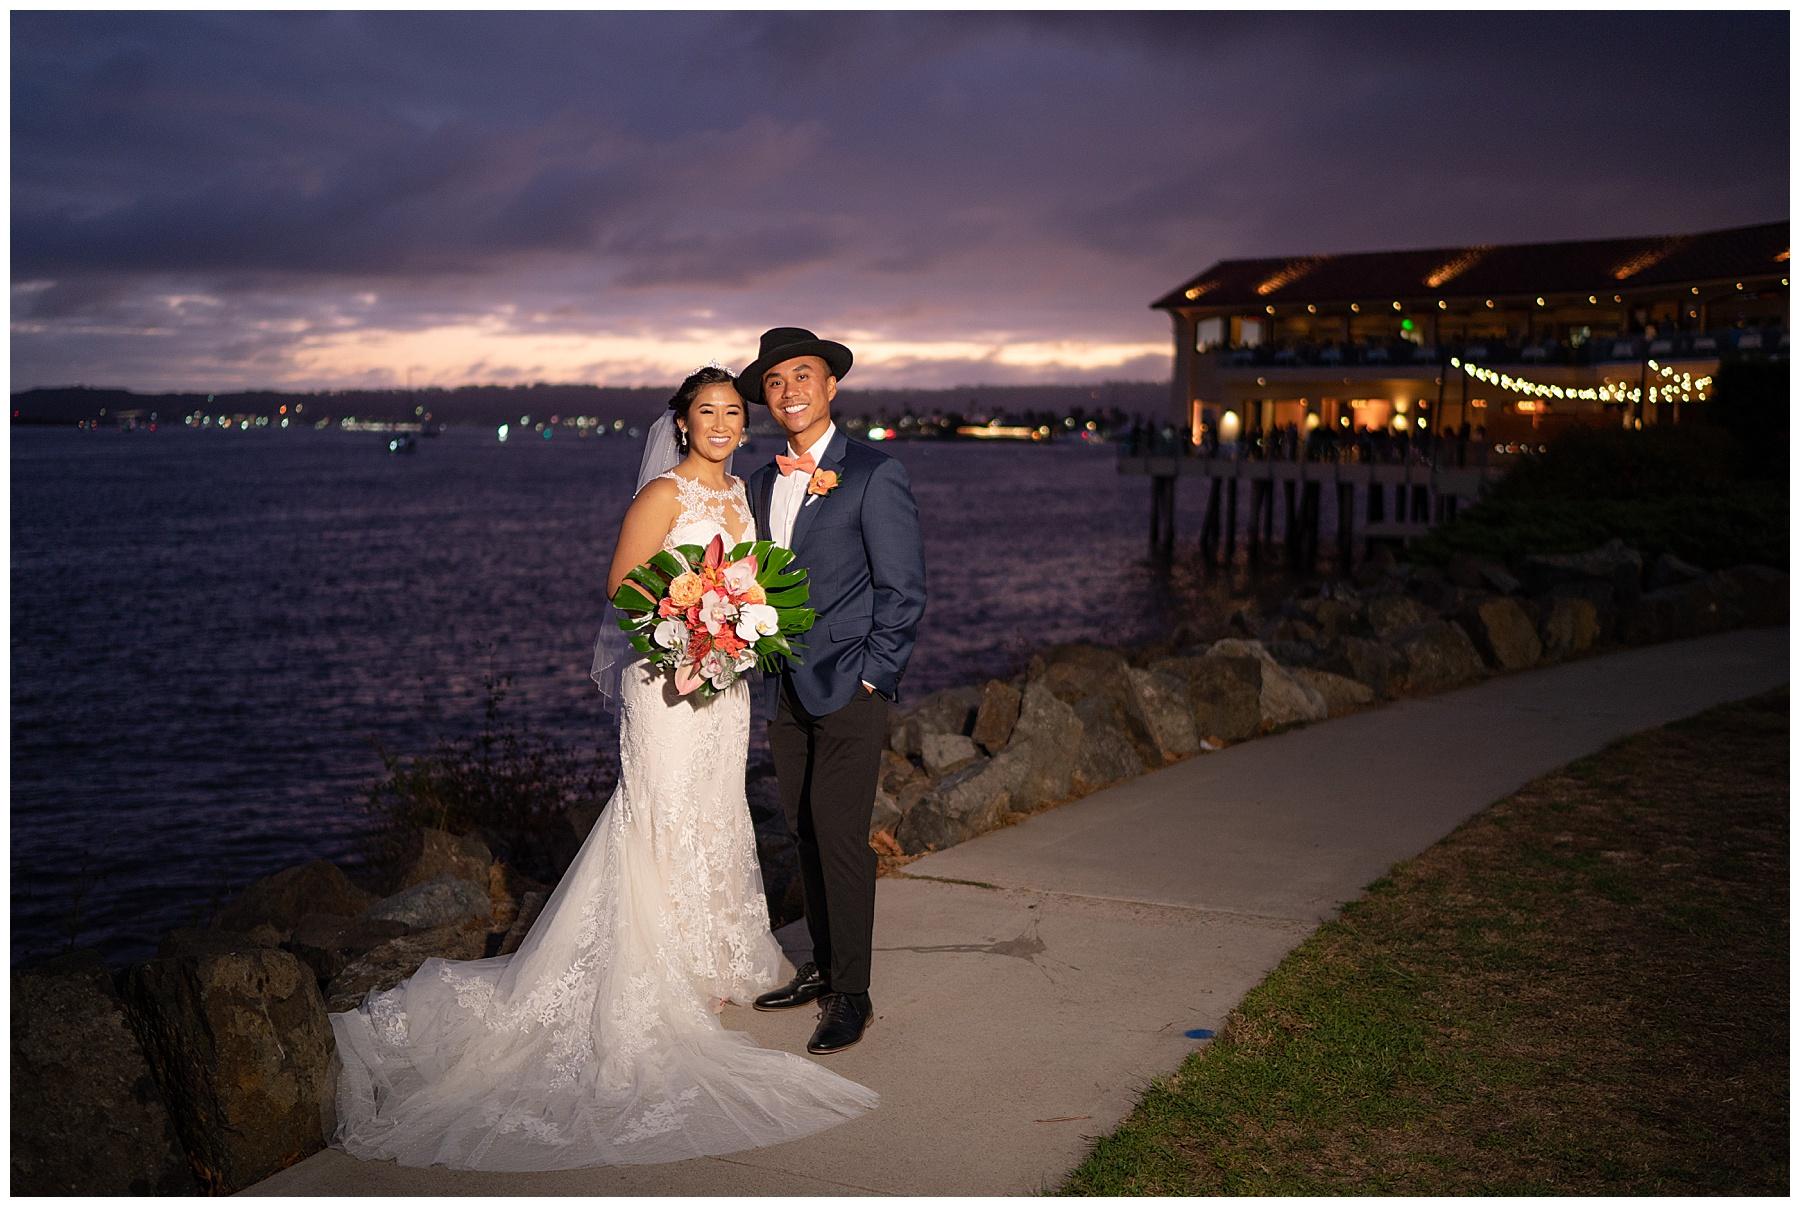 tom ham's lighthouse wedding sunset photo